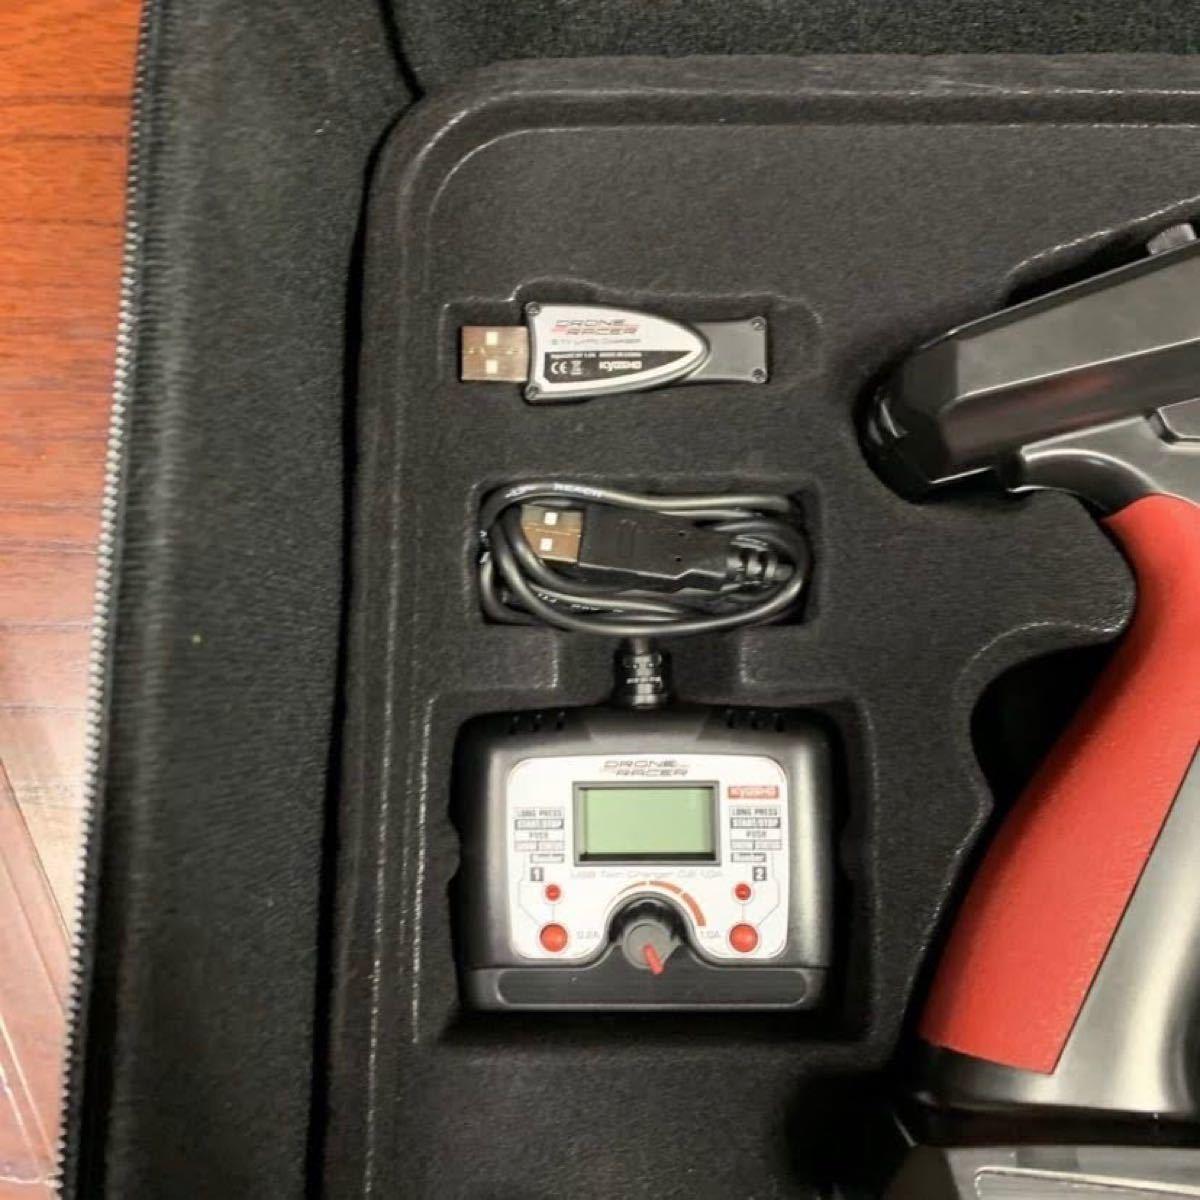 美品 京商 ドローンレーサー ゼファー 専用バッグ 予備バッテリー 同時充電チャージャー セット